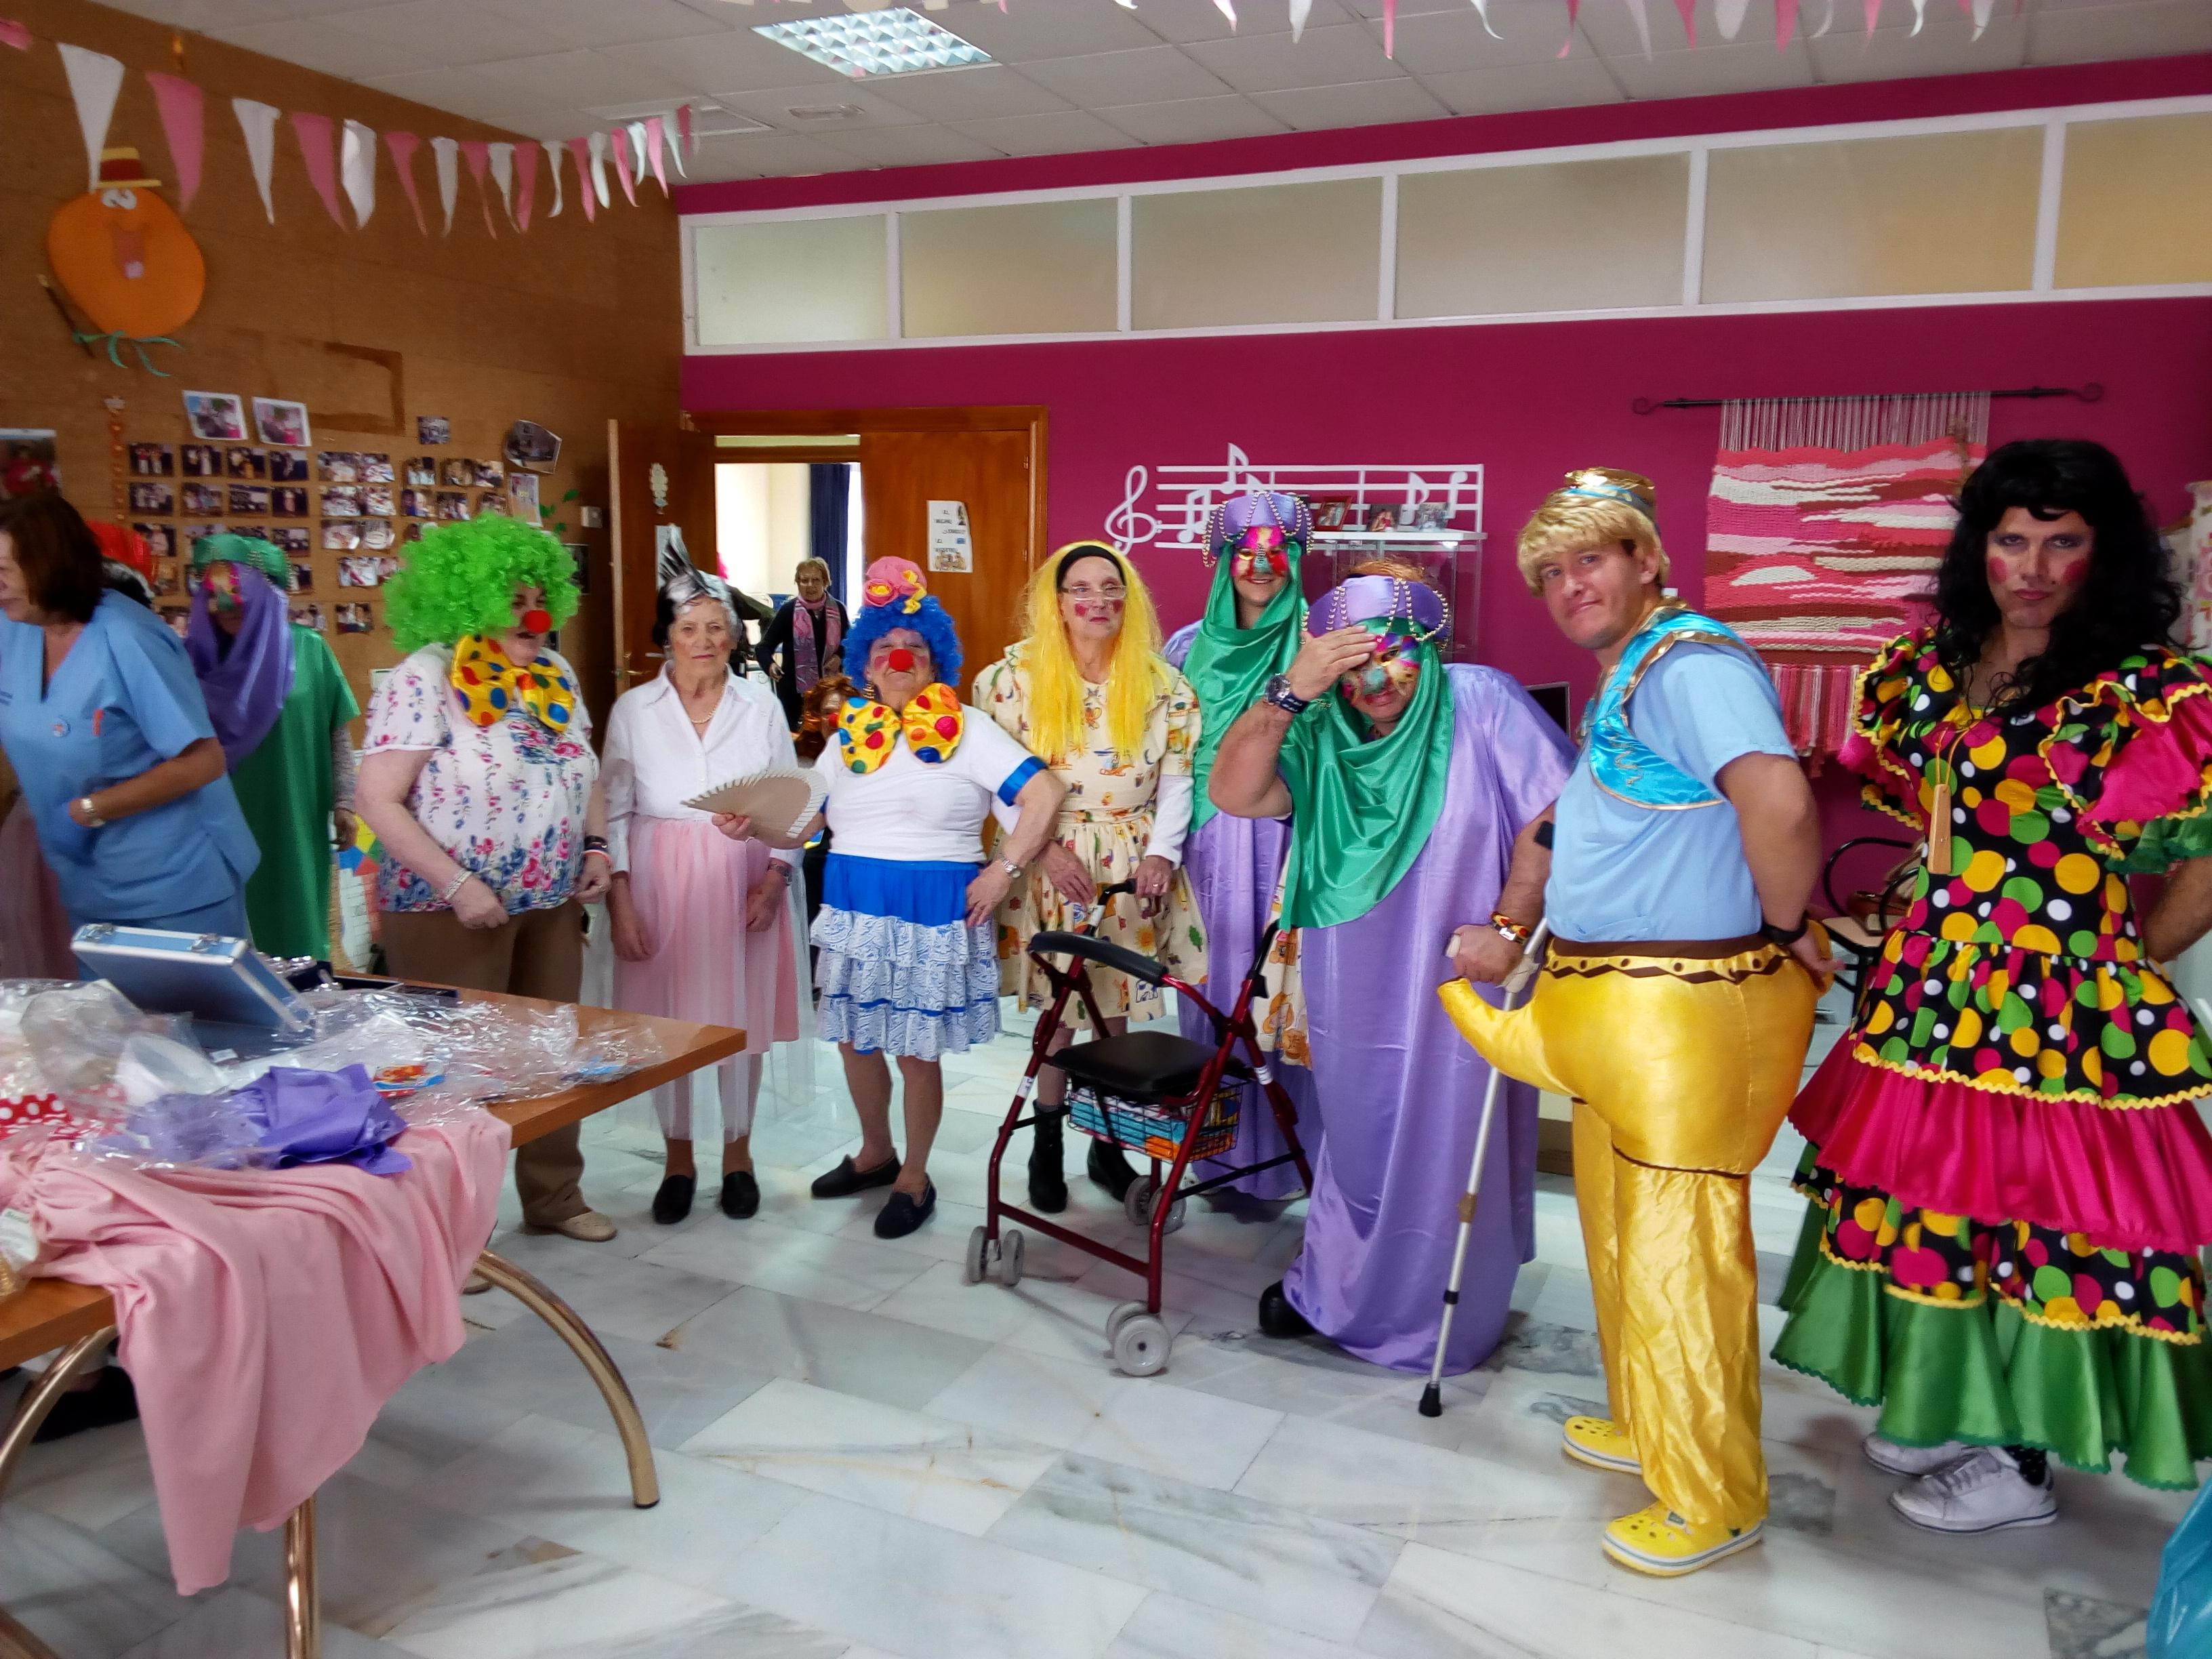 Fiestas de Carnaval en Urbanización de Mayores